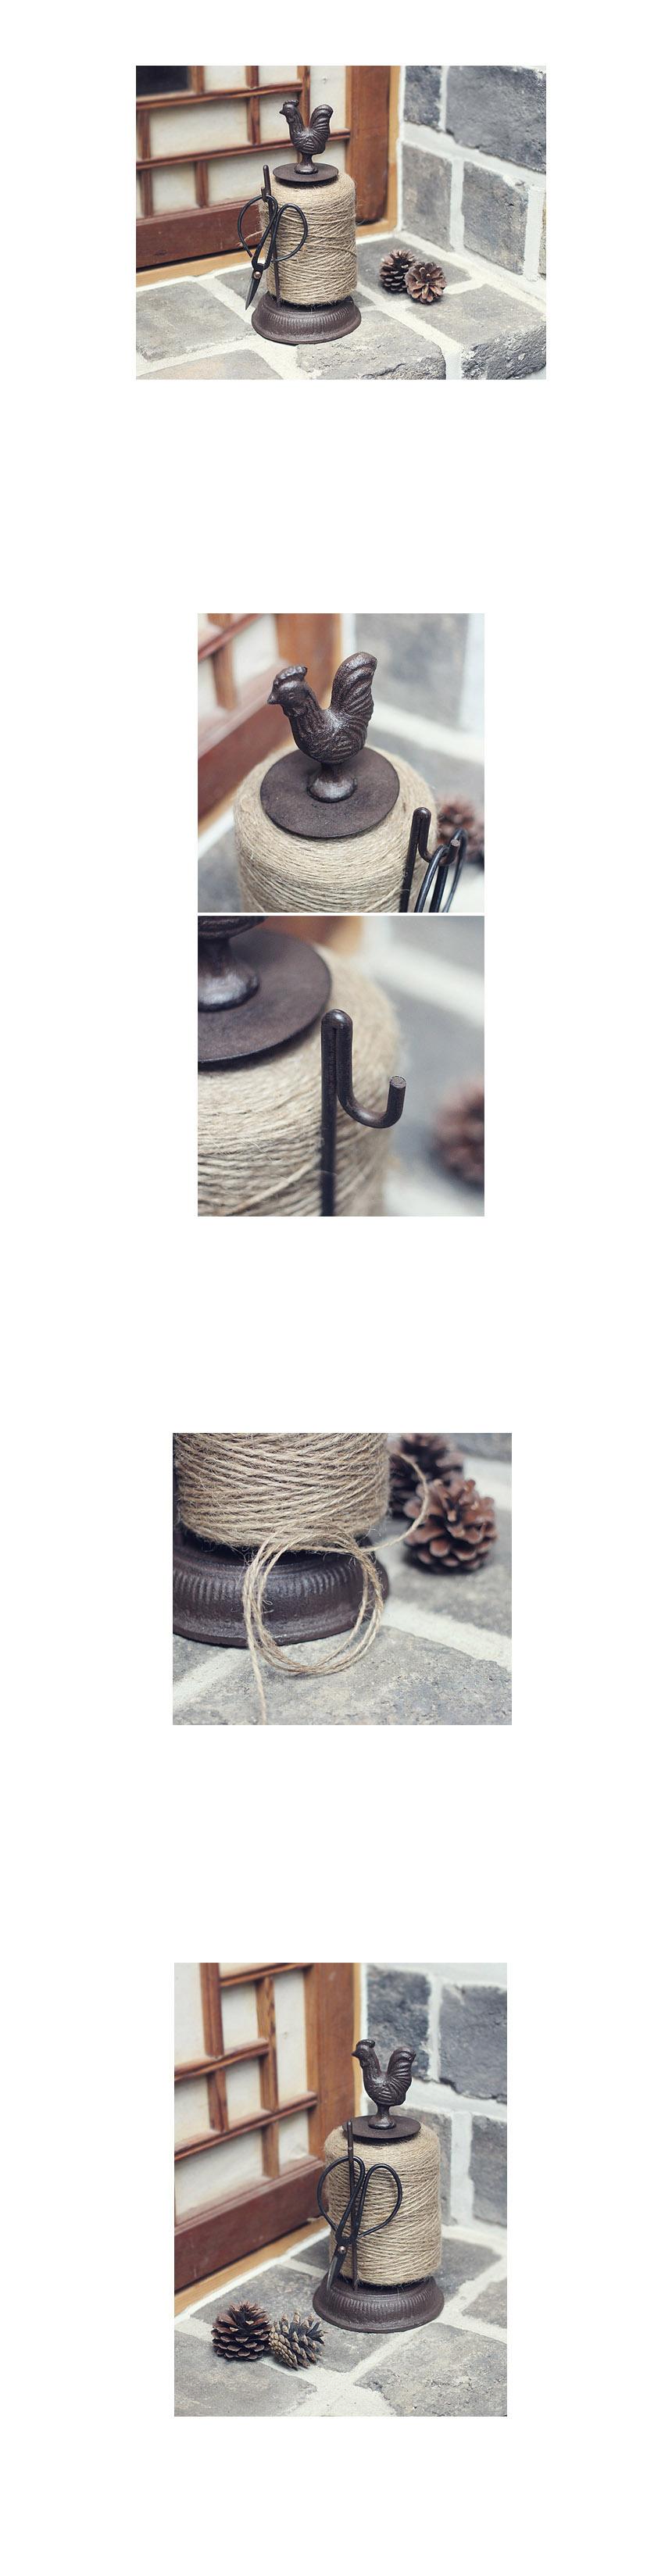 DS-S697빈티지 마끈 소품 1P 카페 장식품 - 리빙톡톡, 36,000원, 장식소품, 기타 소품